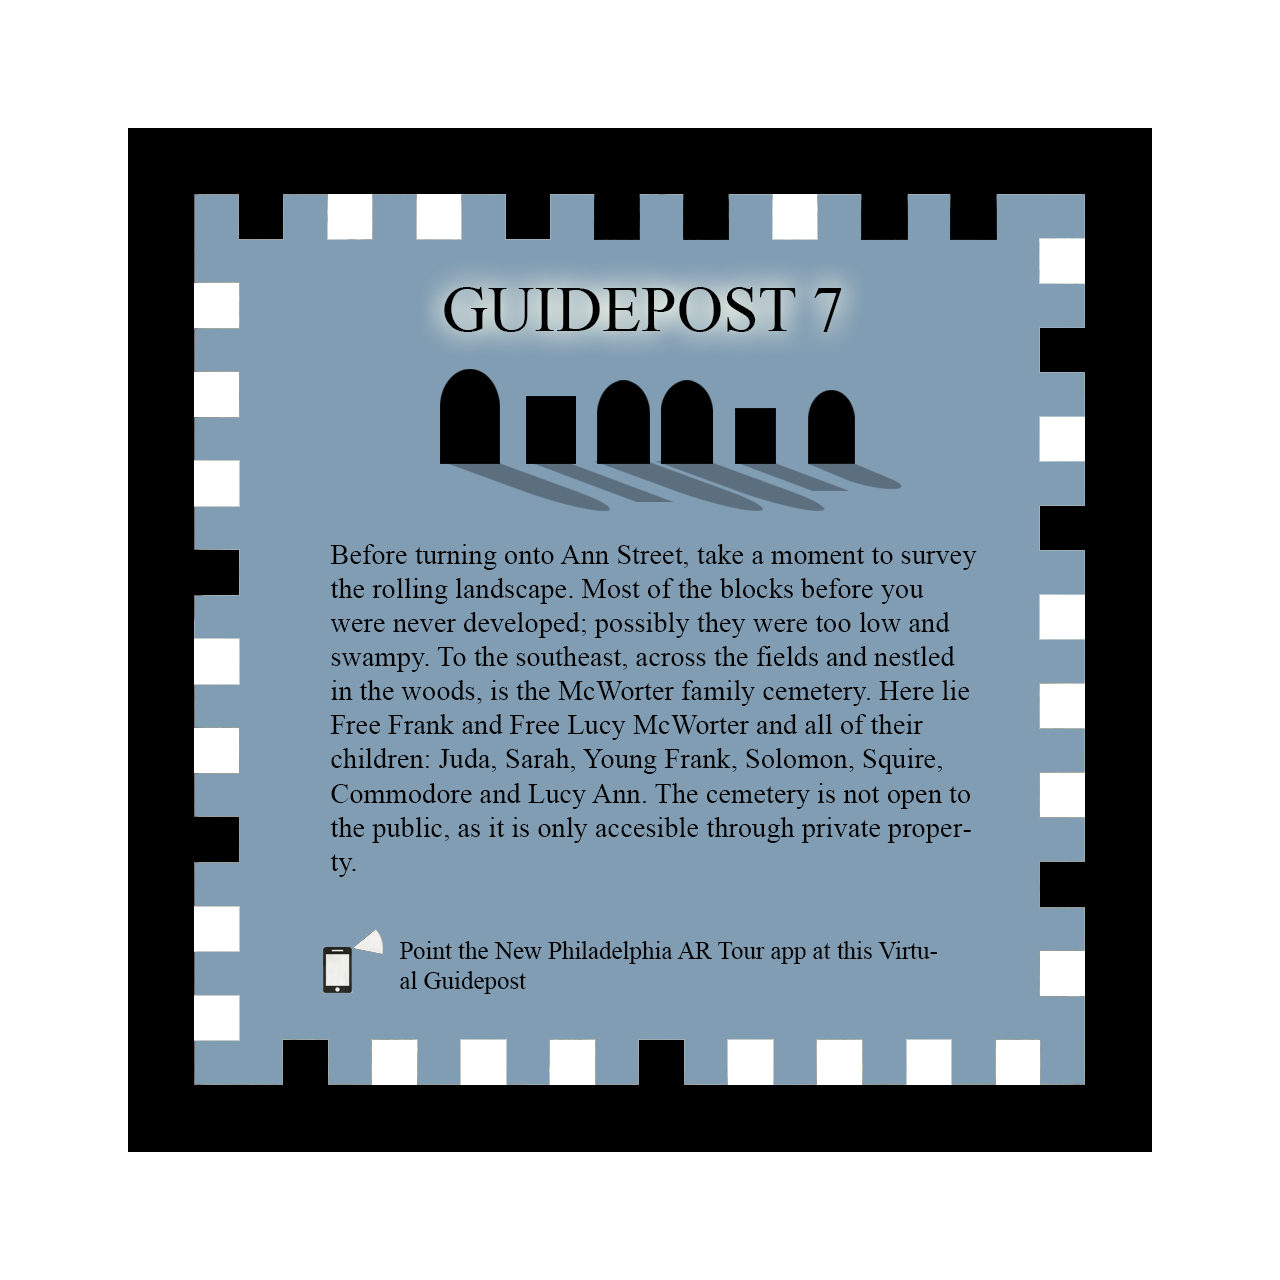 GuidePost7